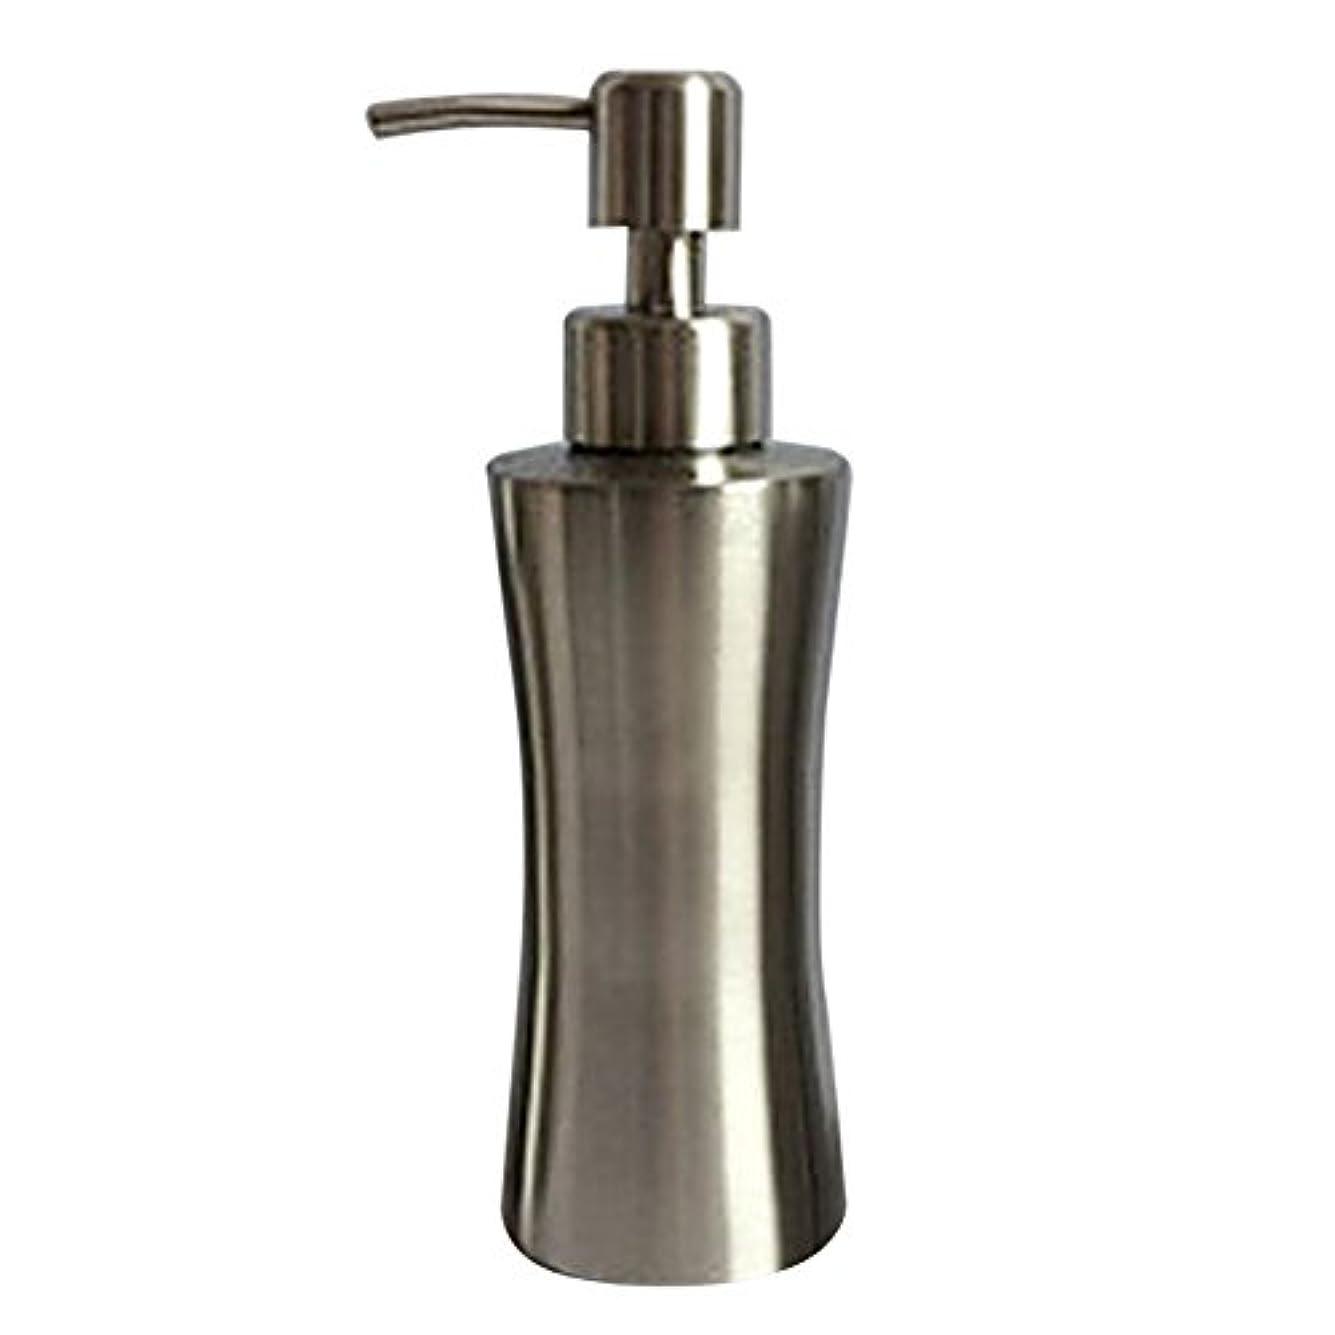 扱いやすい音声学中にディスペンサー ステンレス ボトル 容器 ソープ 石鹸 シャンプー 手洗いボトル 耐久性 錆びない 220ml/250ml/400ml (B:250ml)